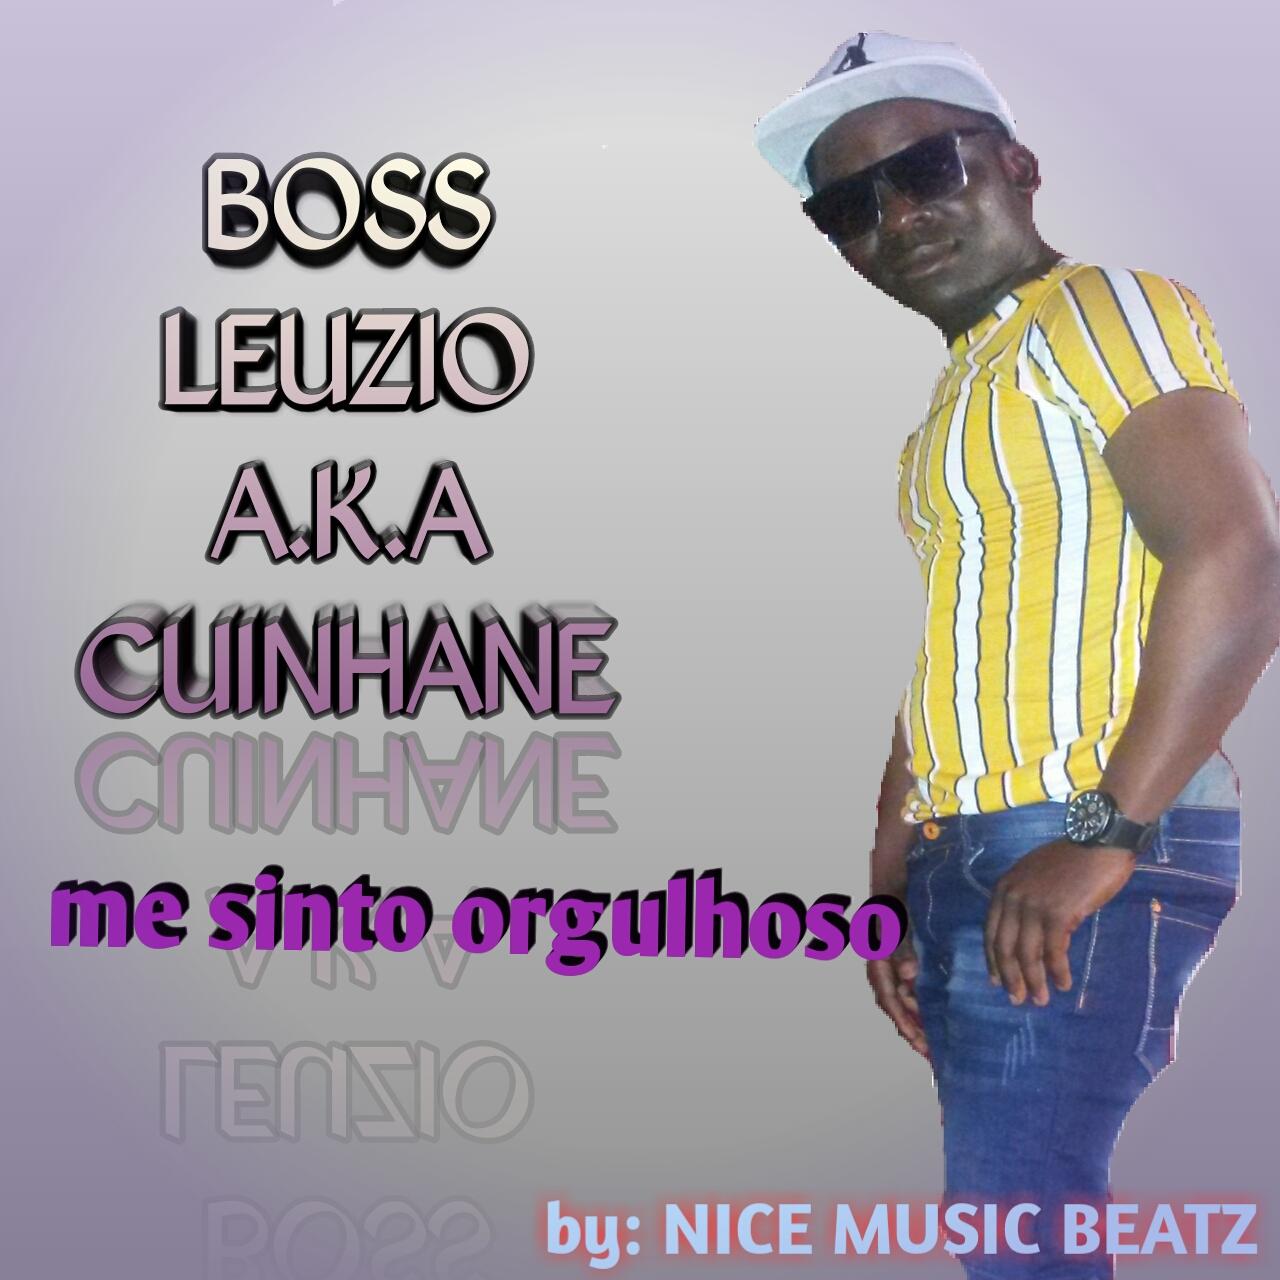 Boss leuzio AKA Guinhane